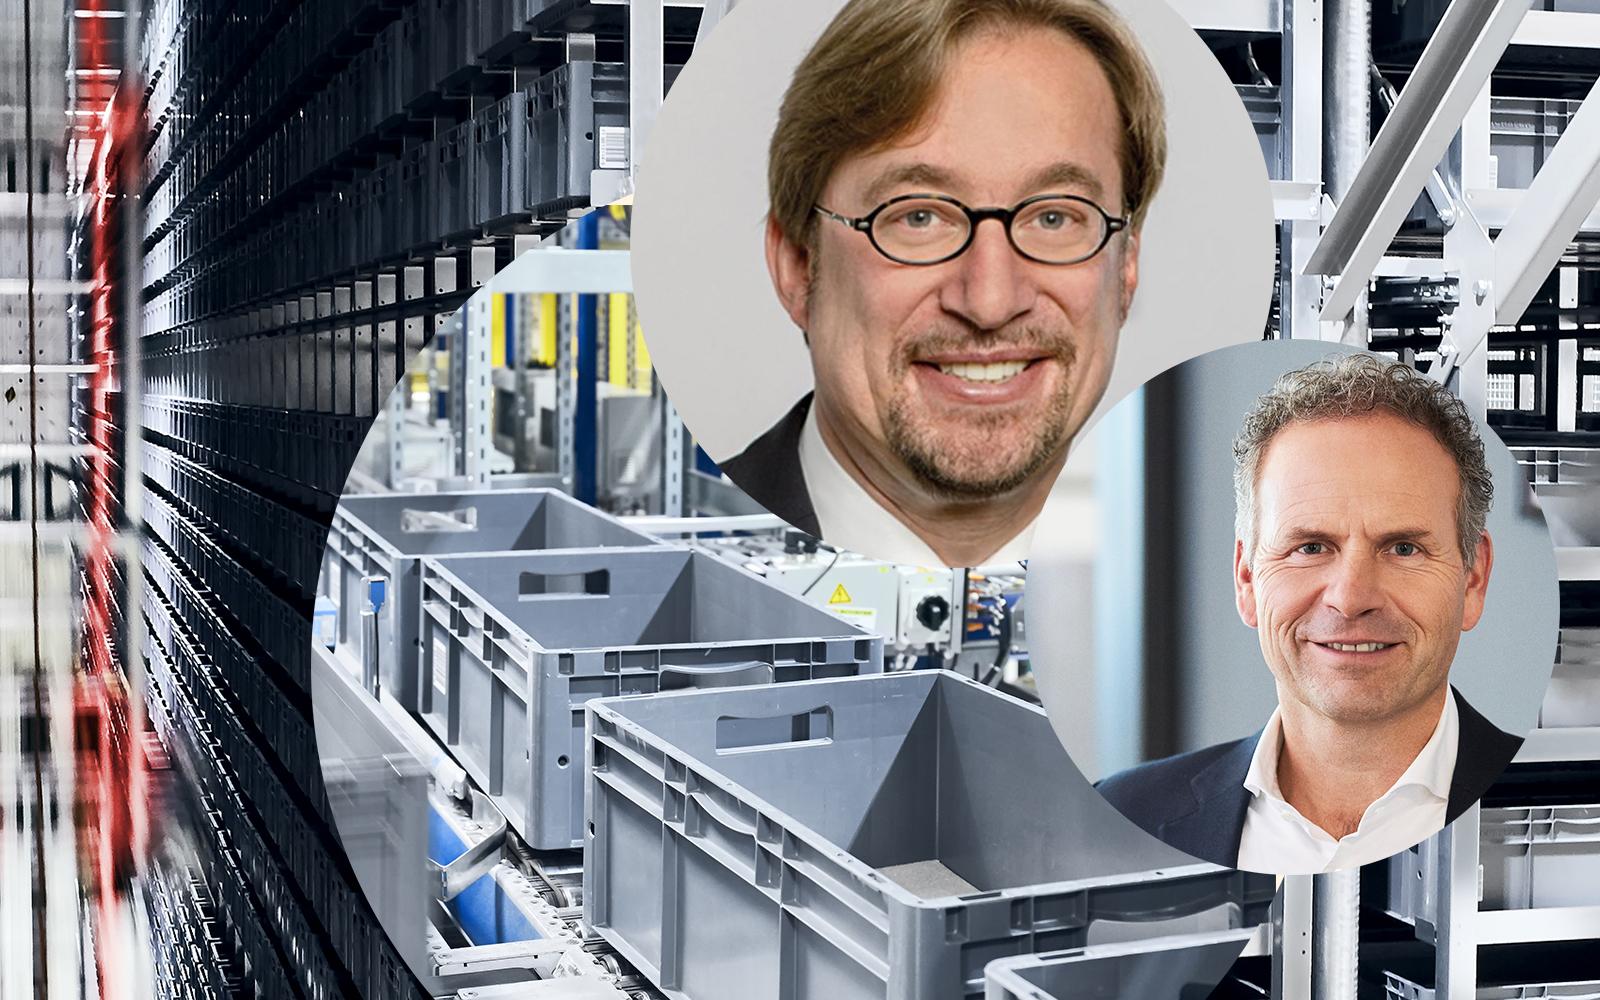 Bild von Prof. Dr.-Ing. Johannes Fottner (TU München) und Martin Hofer (valantic), Trends in Logistik